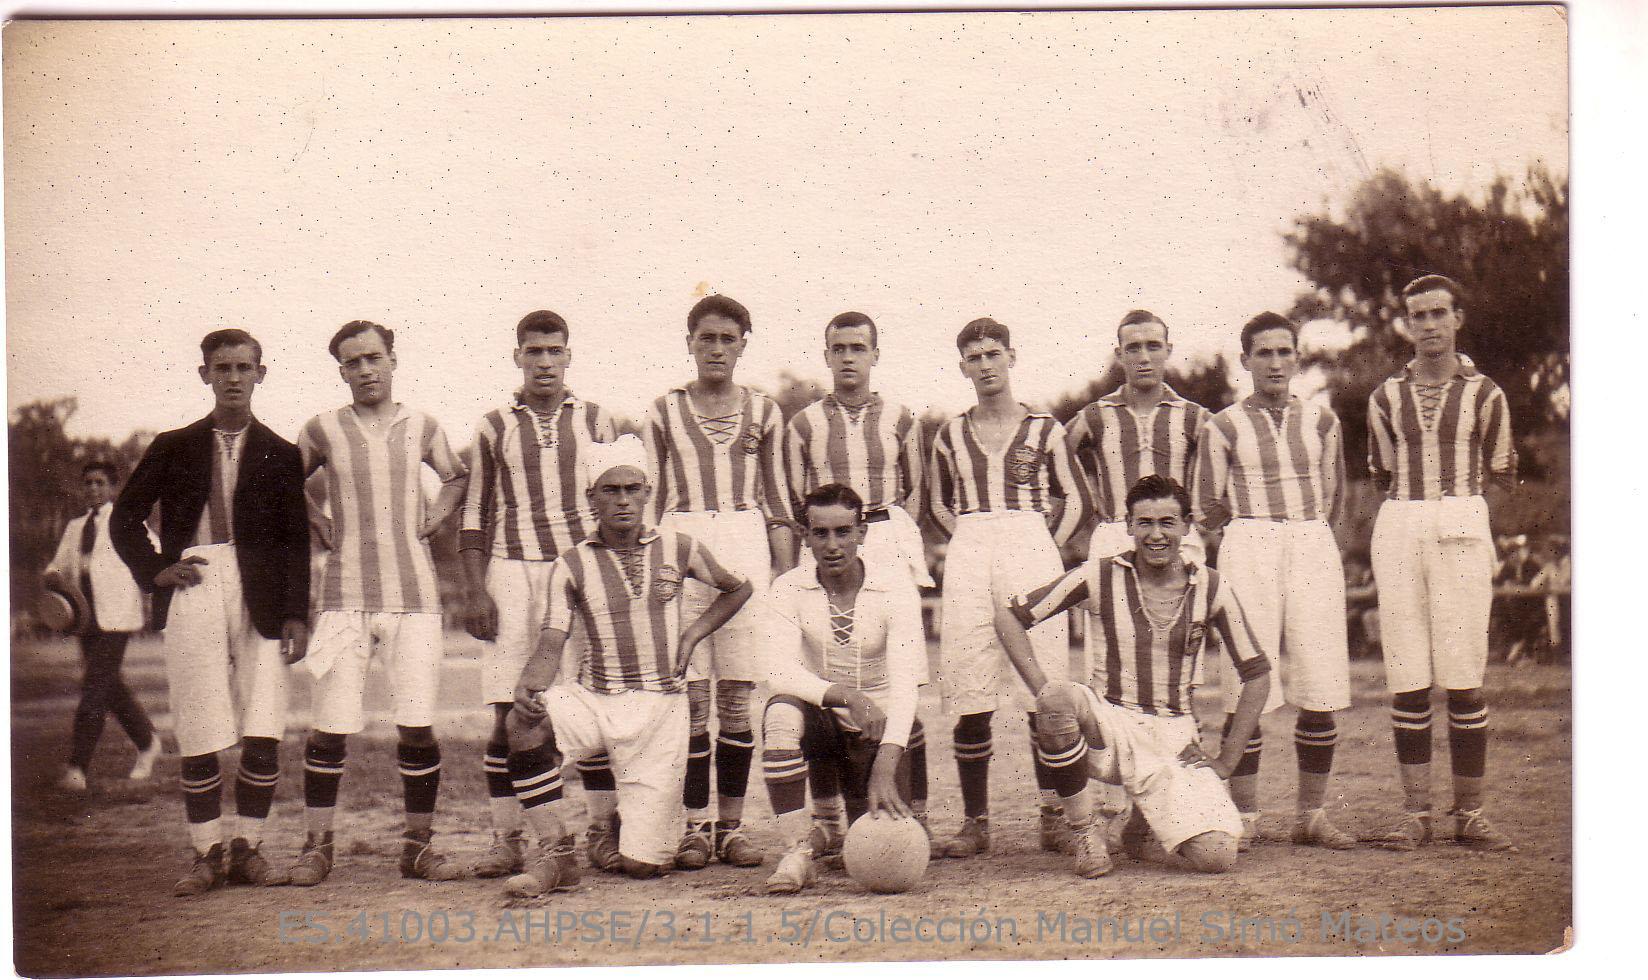 Retrato de grupo de jugadores de los primeros años del Real Betis Balompié. Portillo, Castilla, Castañeda, Salvador, Silva y Álvarez Noguera, entre otros. 1922